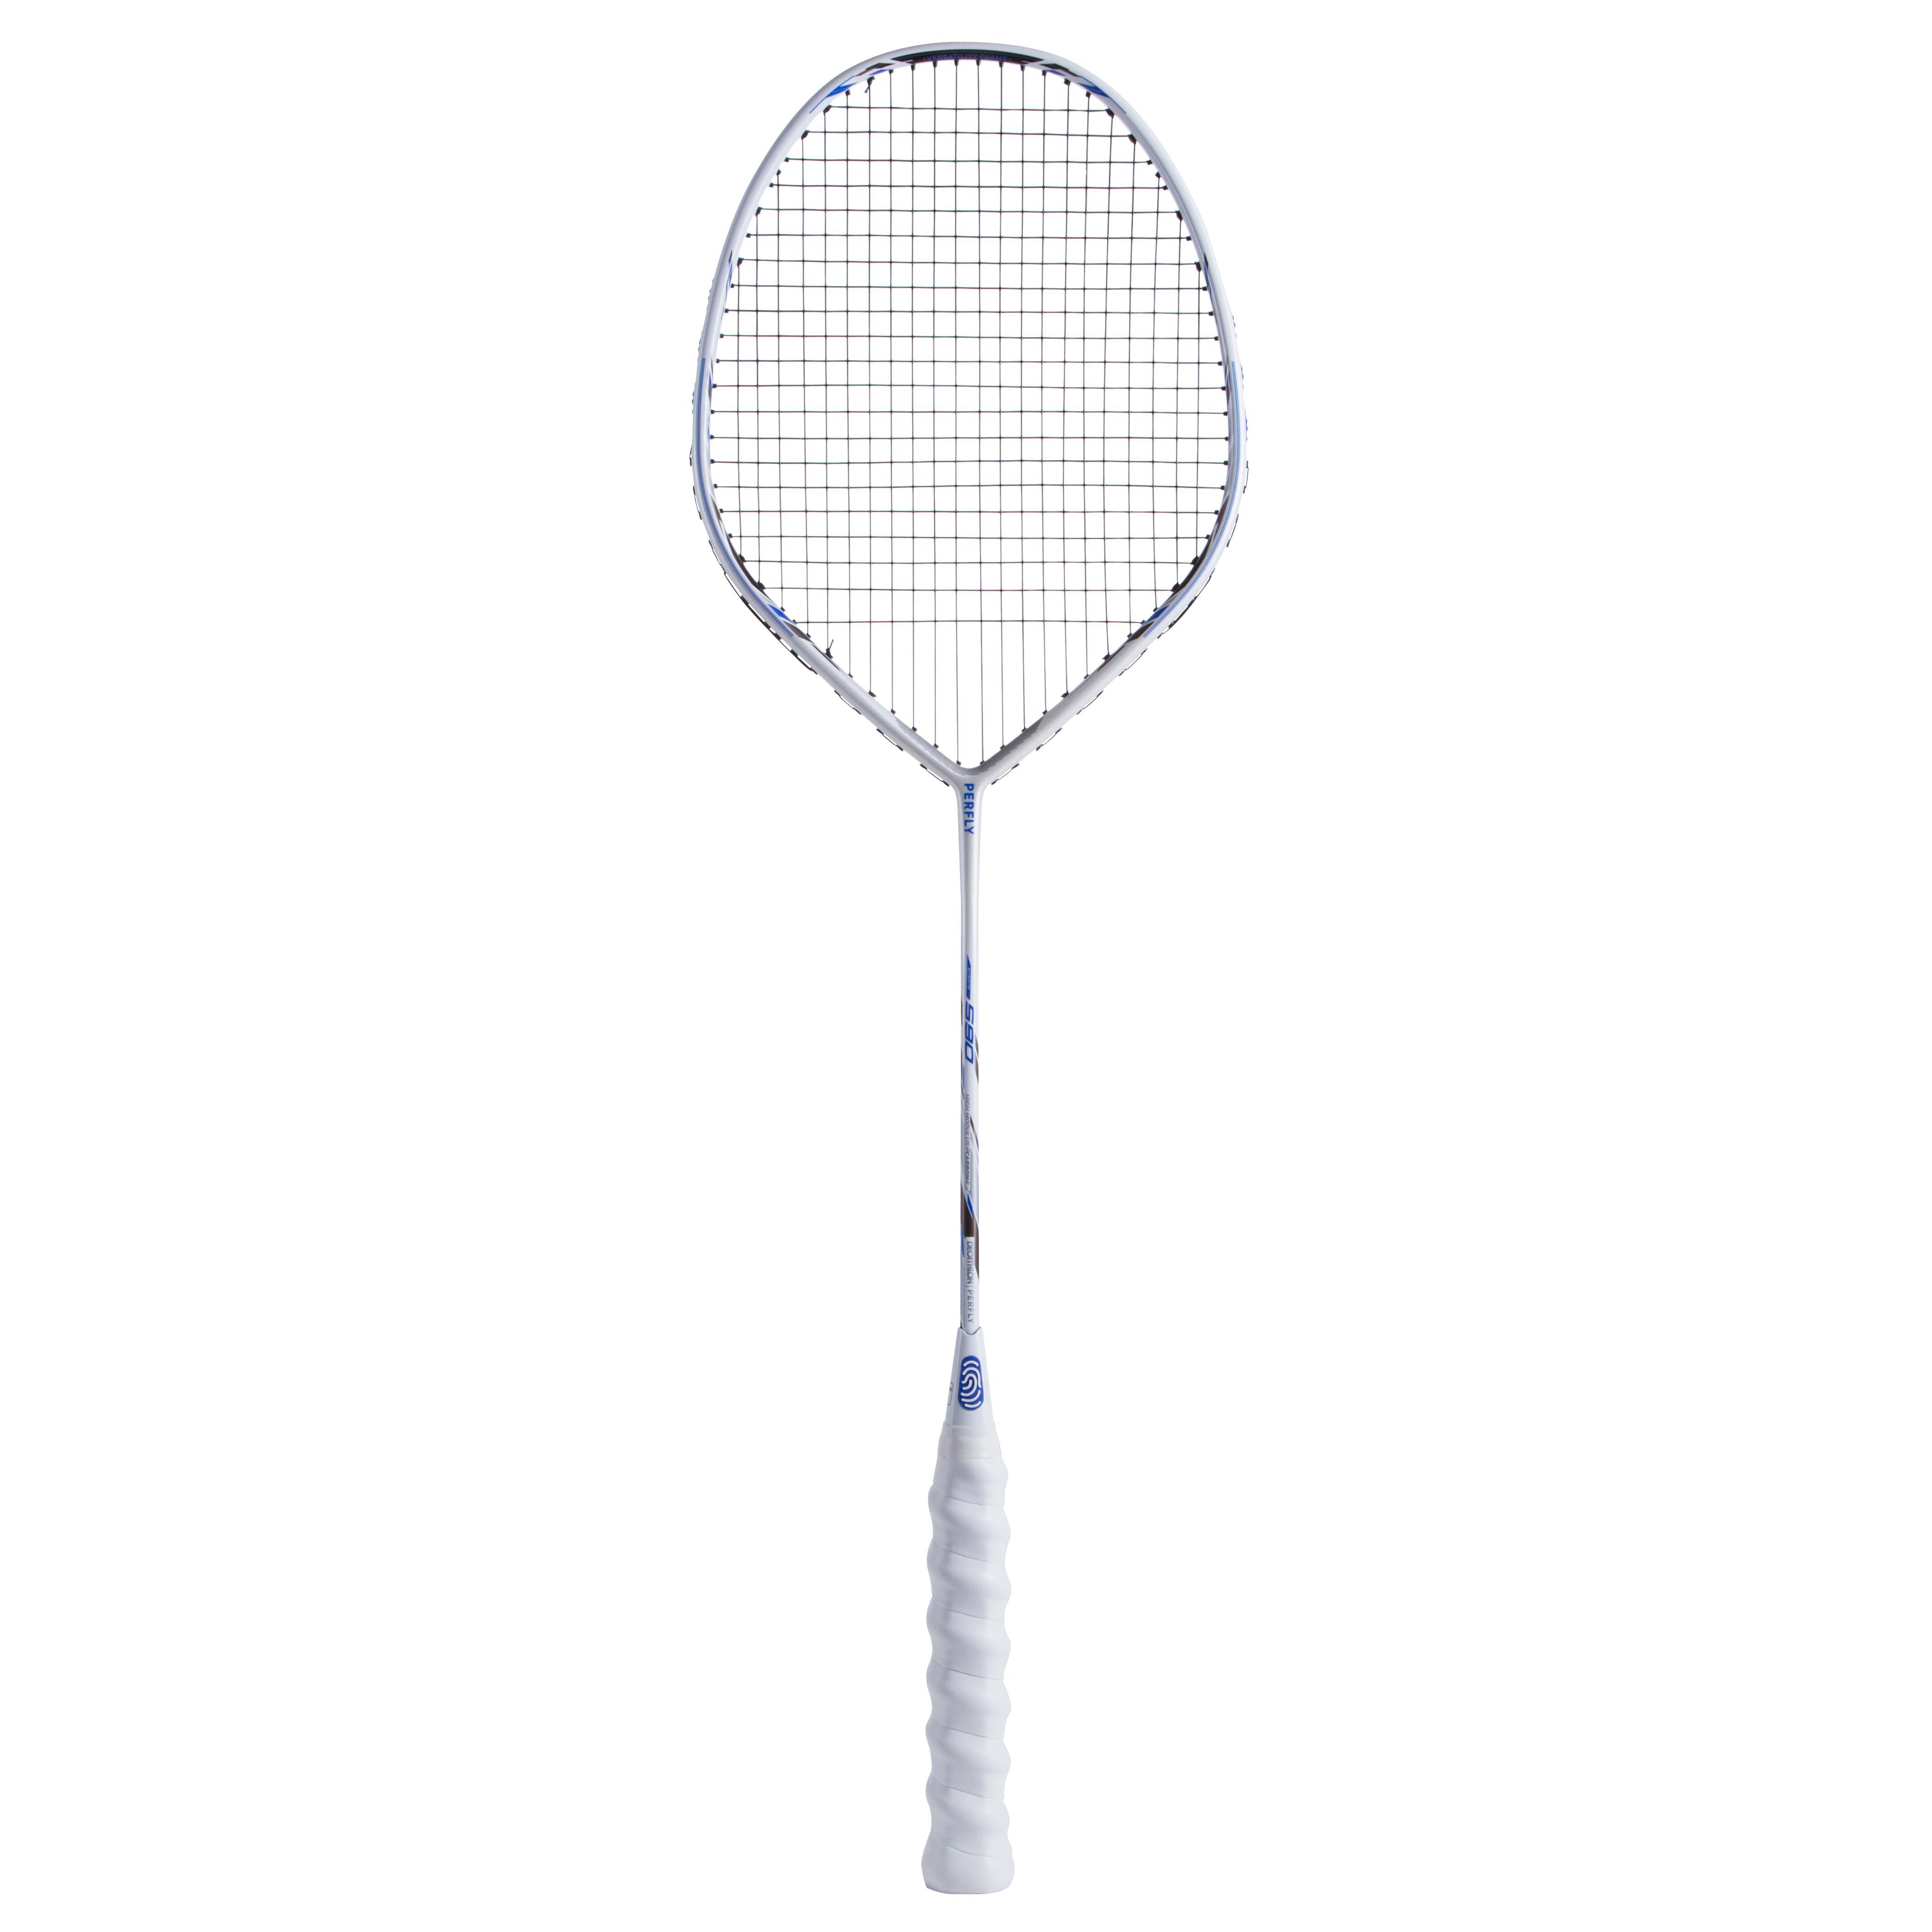 Perfly Badmintonracket BR590 V voor volwassenen wit kopen